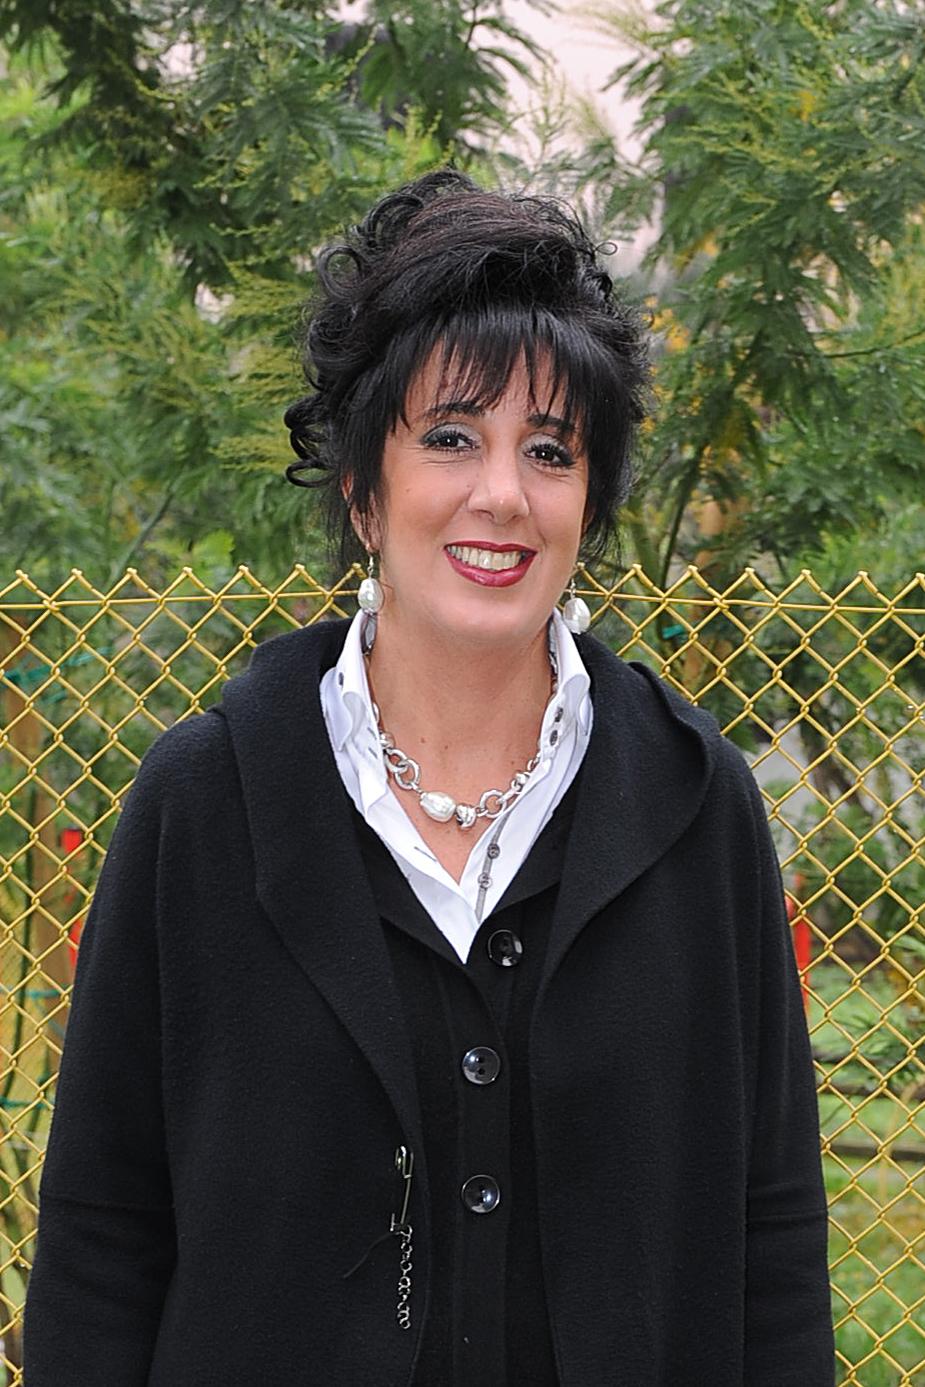 Scuola Primaria - Educazione Musicale - Elena Doniselli